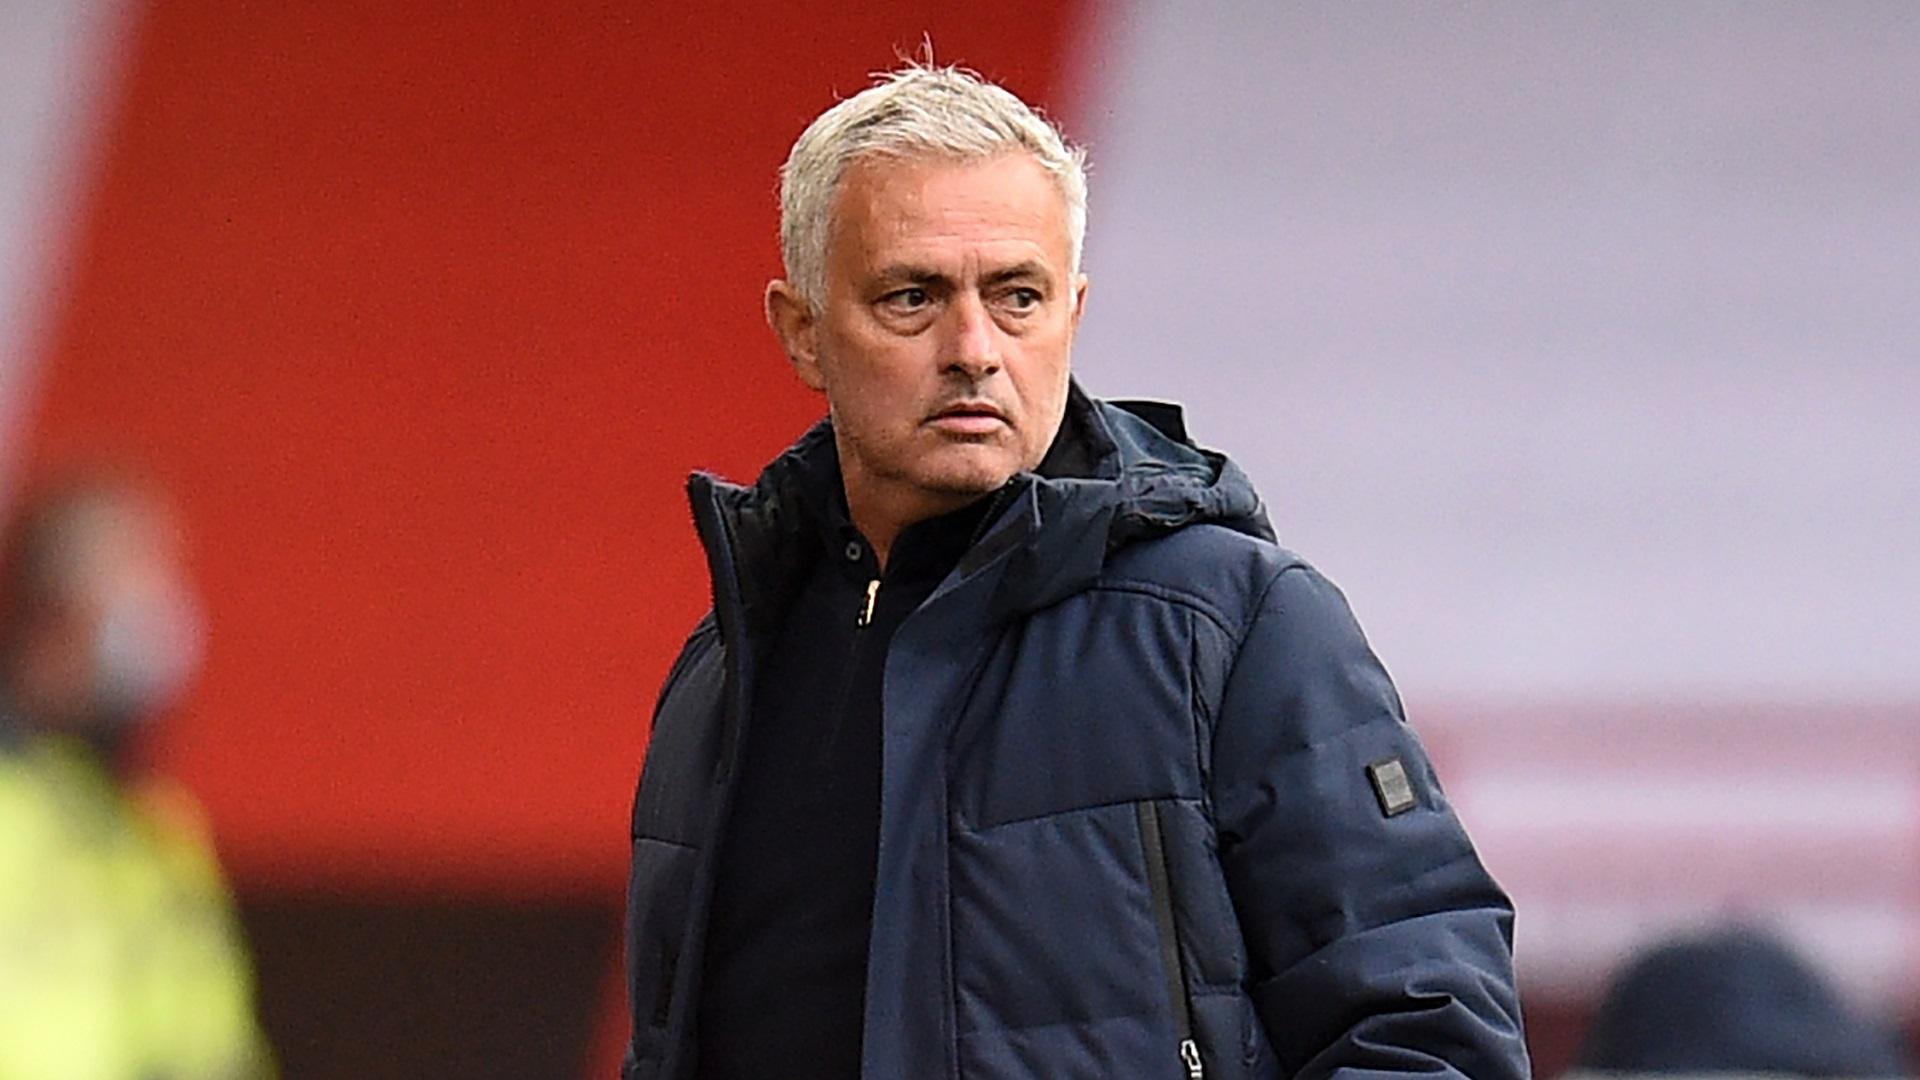 Mourinho quitte la conférence de presse en raison de difficultés techniques